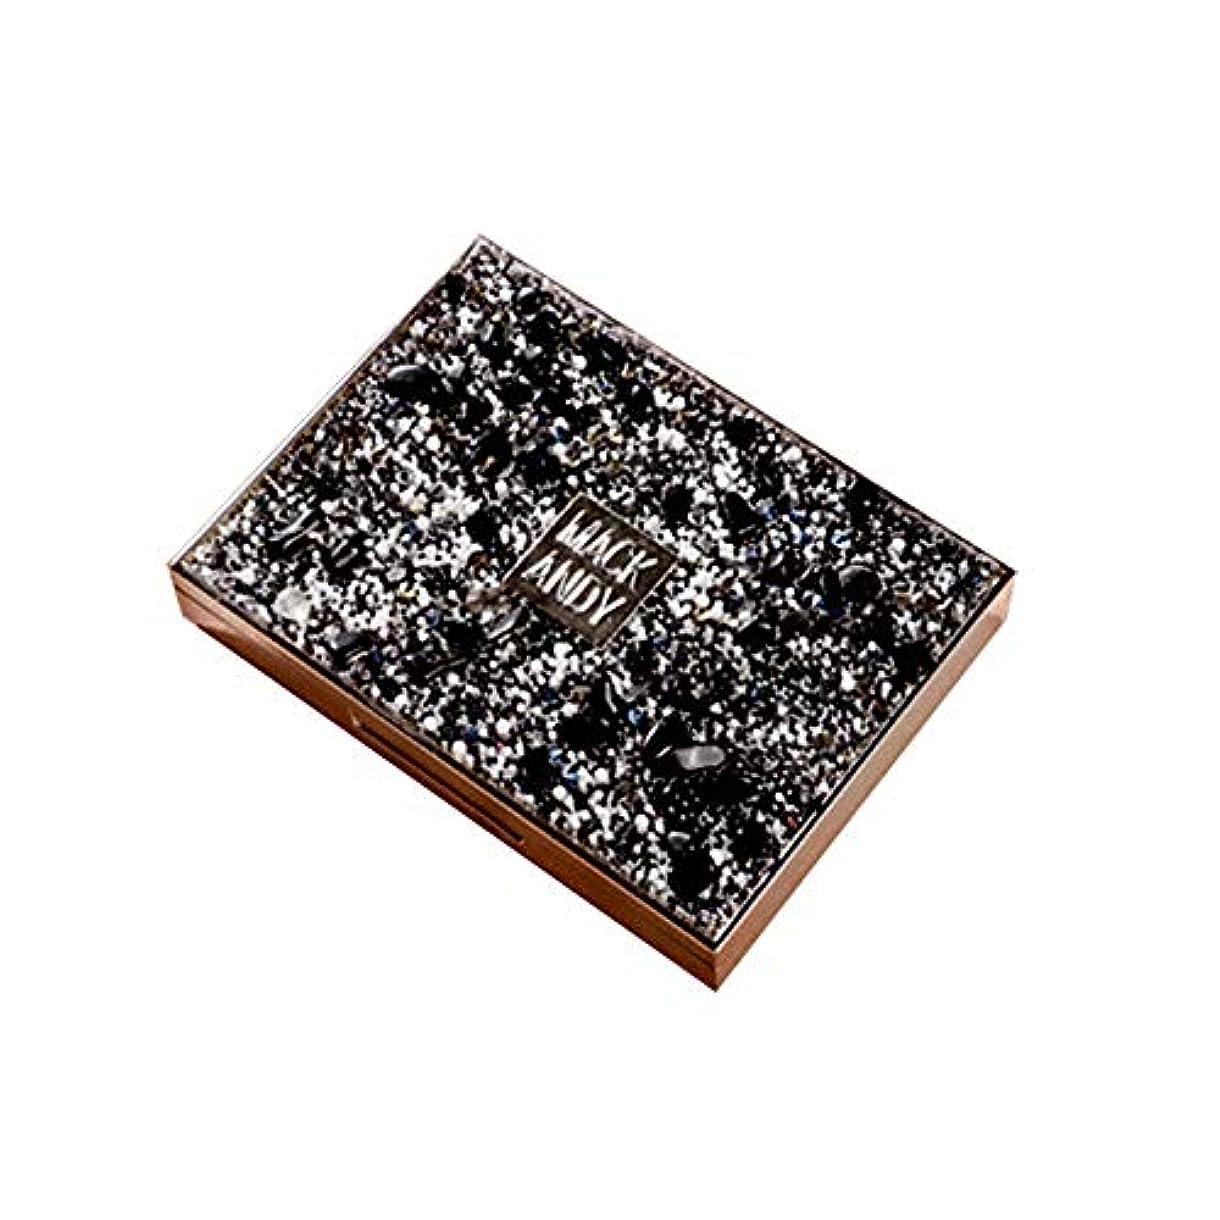 感じ中で遅れEX-YUE 8色 アイシャドウ 人気 新作 極め細かい 真珠 光沢 アイシャドウパレット ハイライト ナチュラル マット 高発色 保湿成分 長時間 防水 大人気 通勤 通学 初心者 日常化粧 (ブラック)